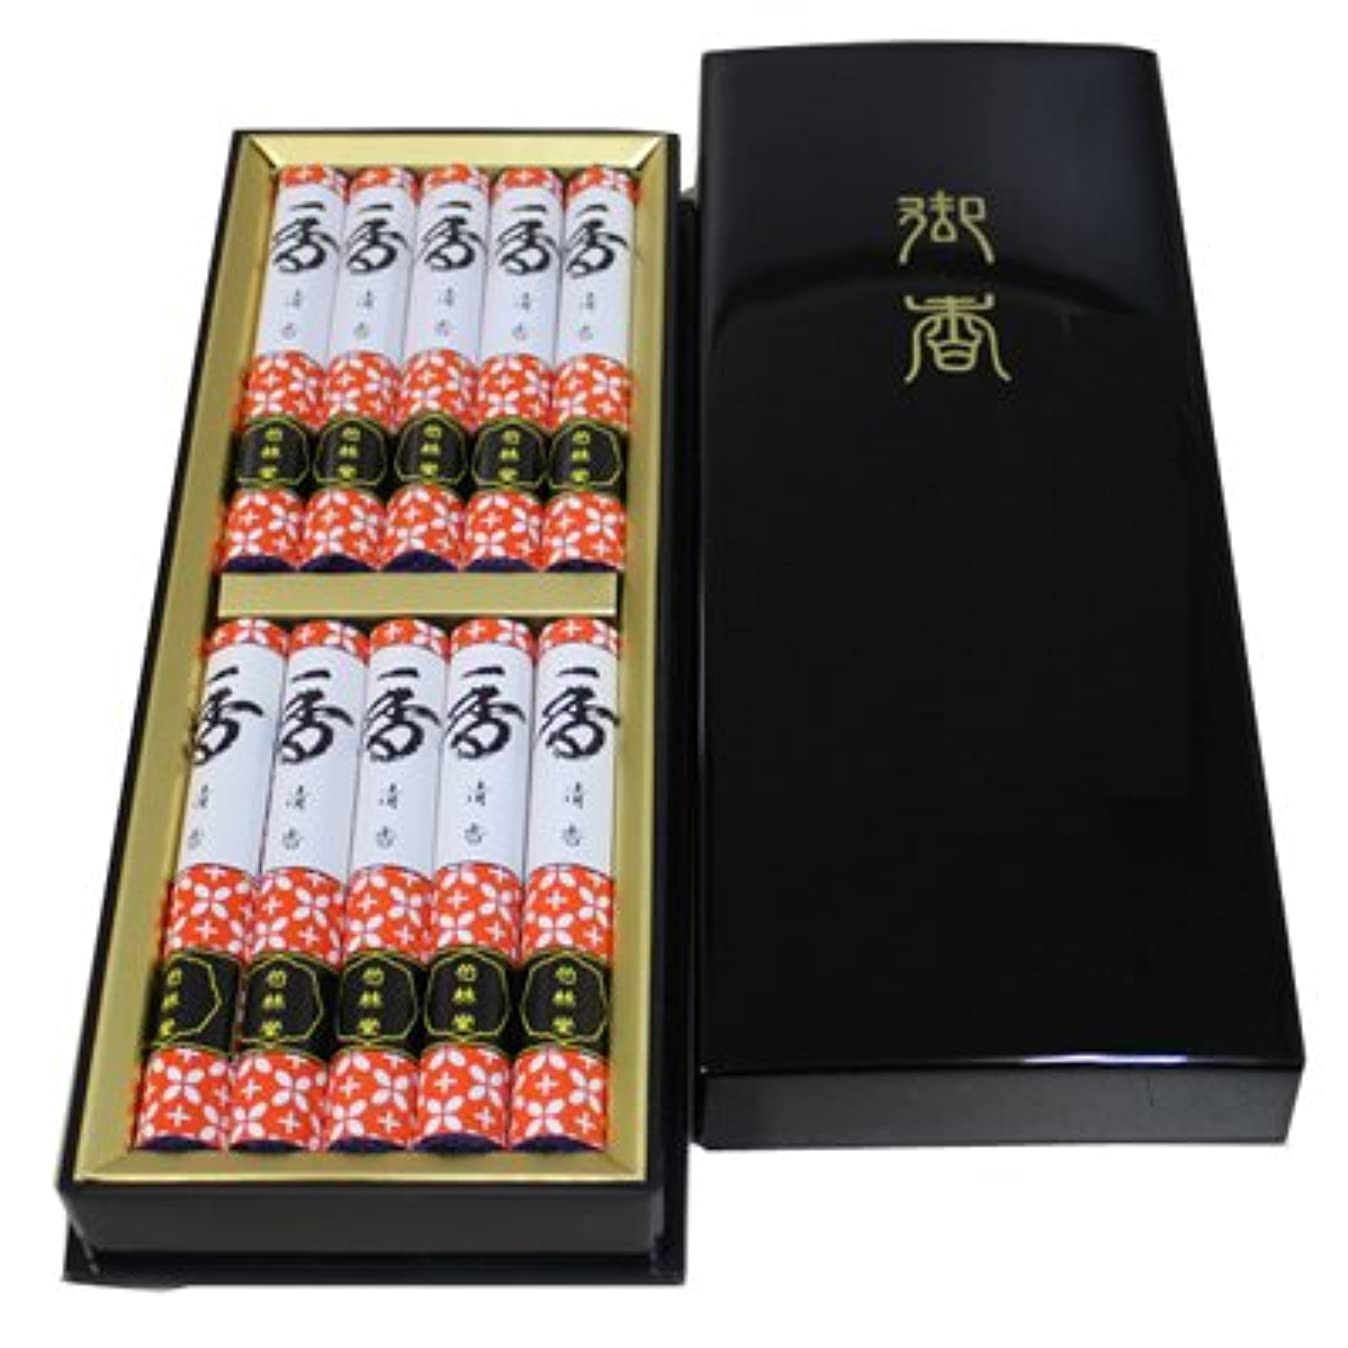 芸術的ミサイル聴覚障害者塗箱詰合せ(清香10把) 贈り物用 贈答用 ギフト用 お線香